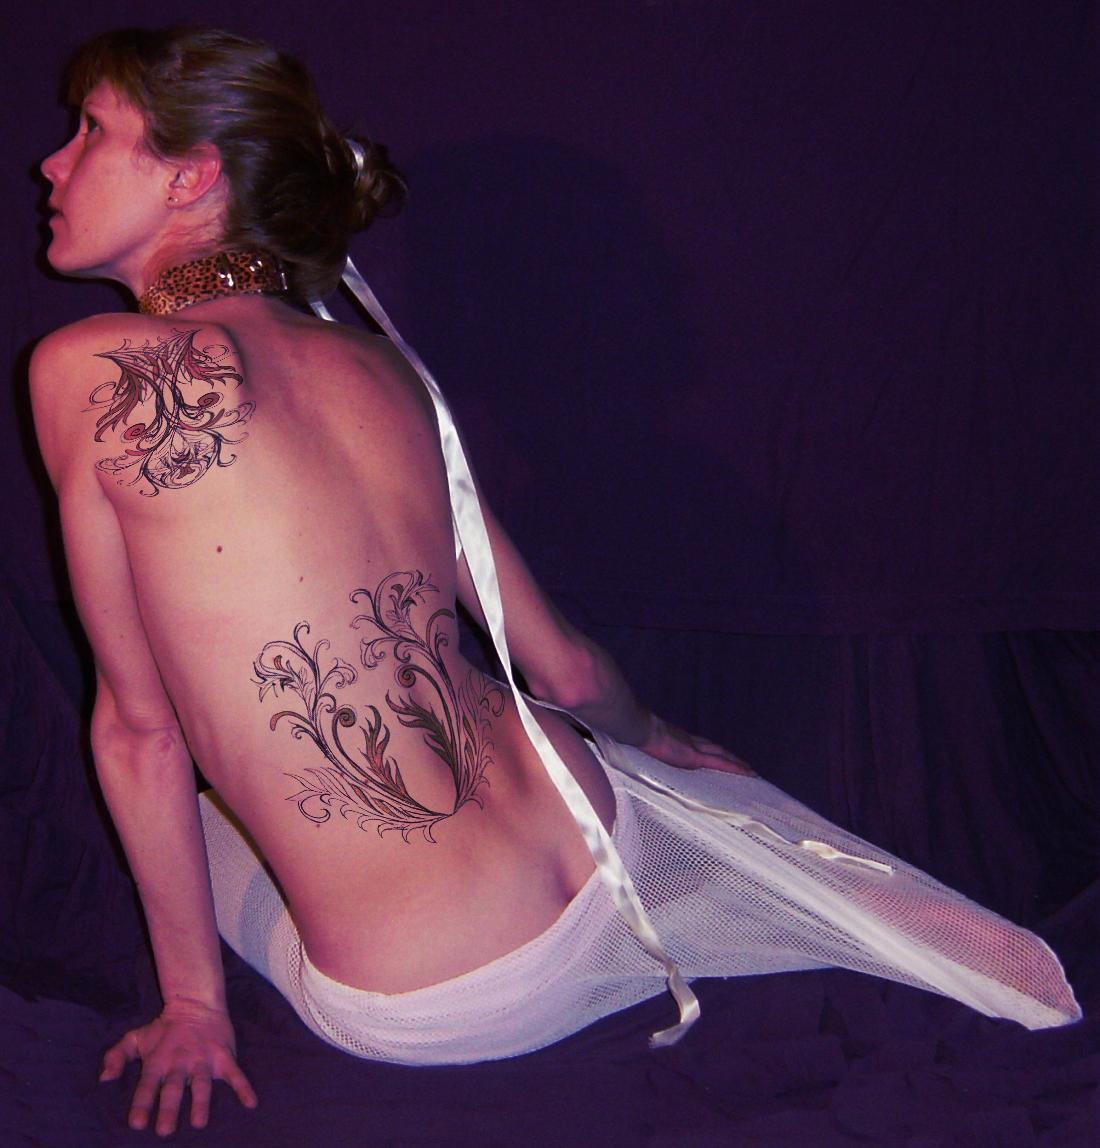 http://1.bp.blogspot.com/_GCiG2J13IUc/TLbRwIhSQcI/AAAAAAAAAAg/RGLRDbup8z8/s1600/Tatuagens%20costas.jpg